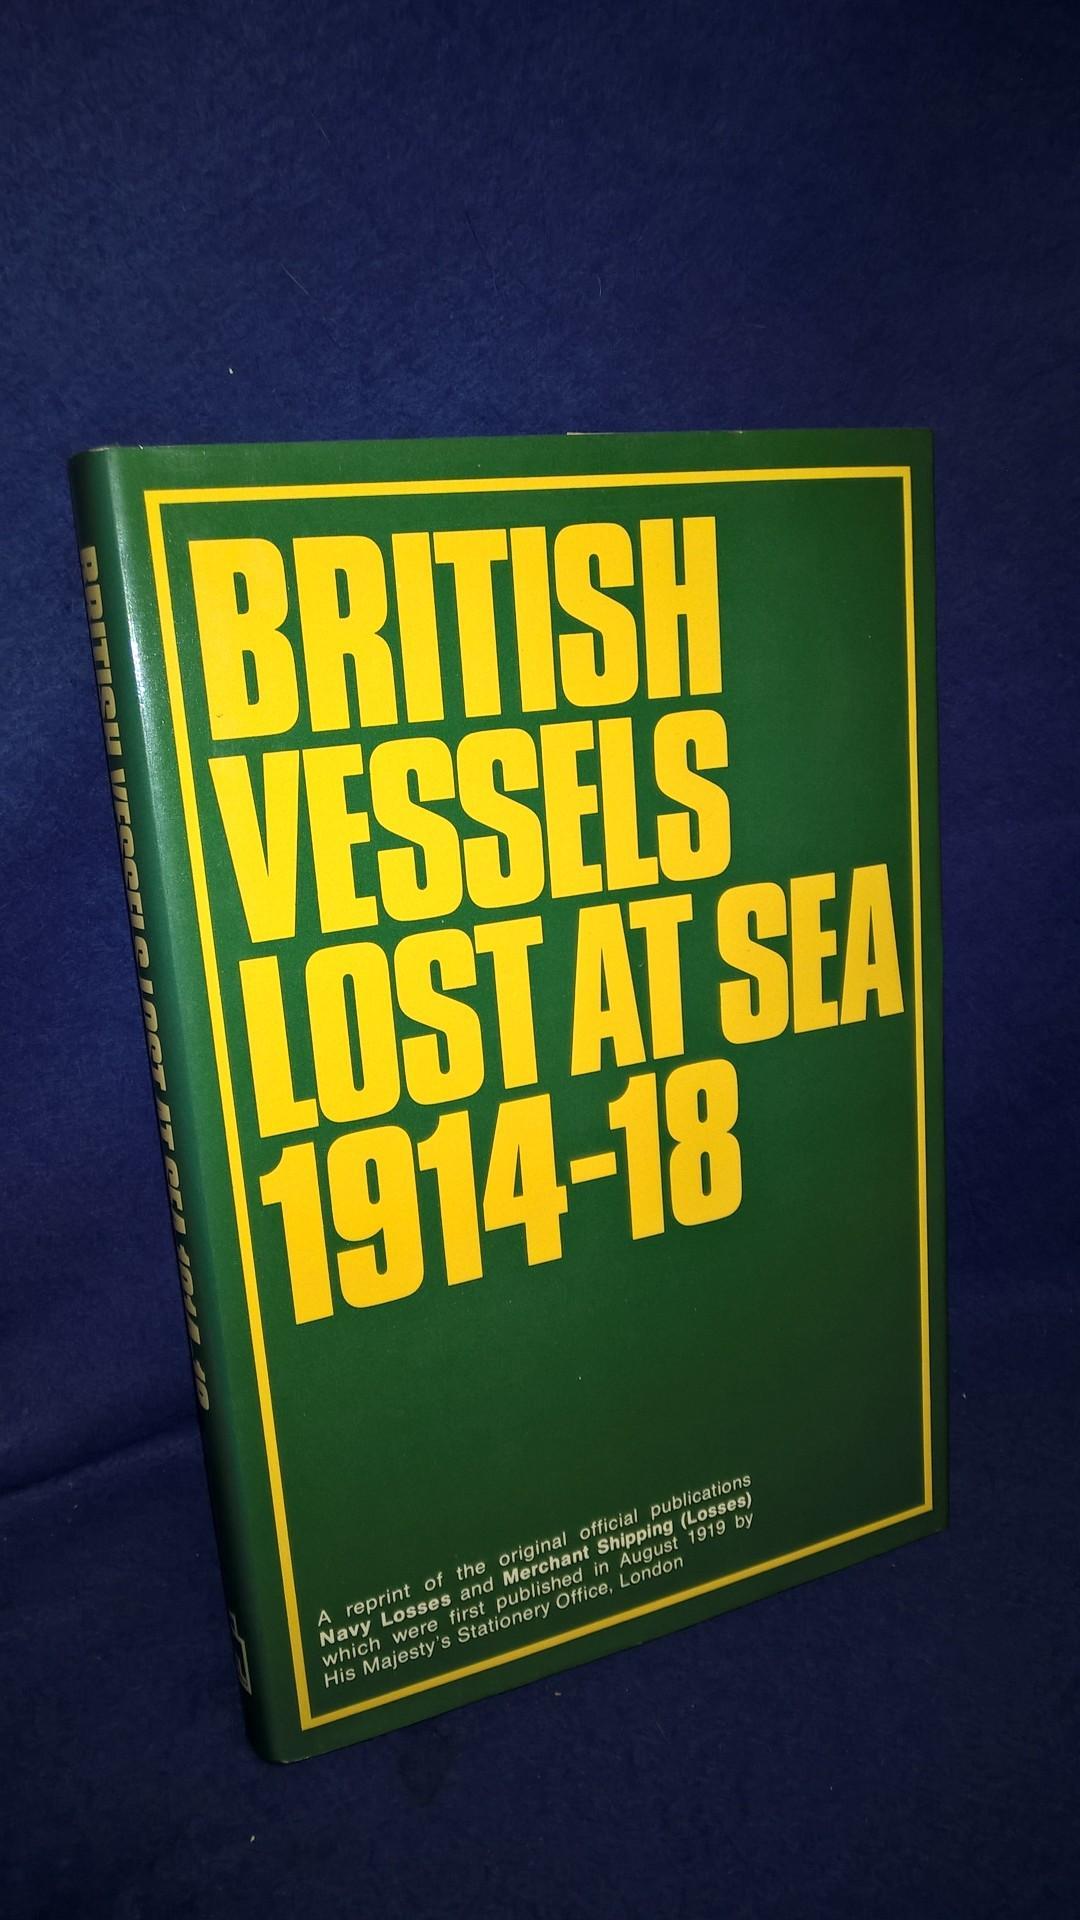 British Vessels Lost At Sea 1914-1918.